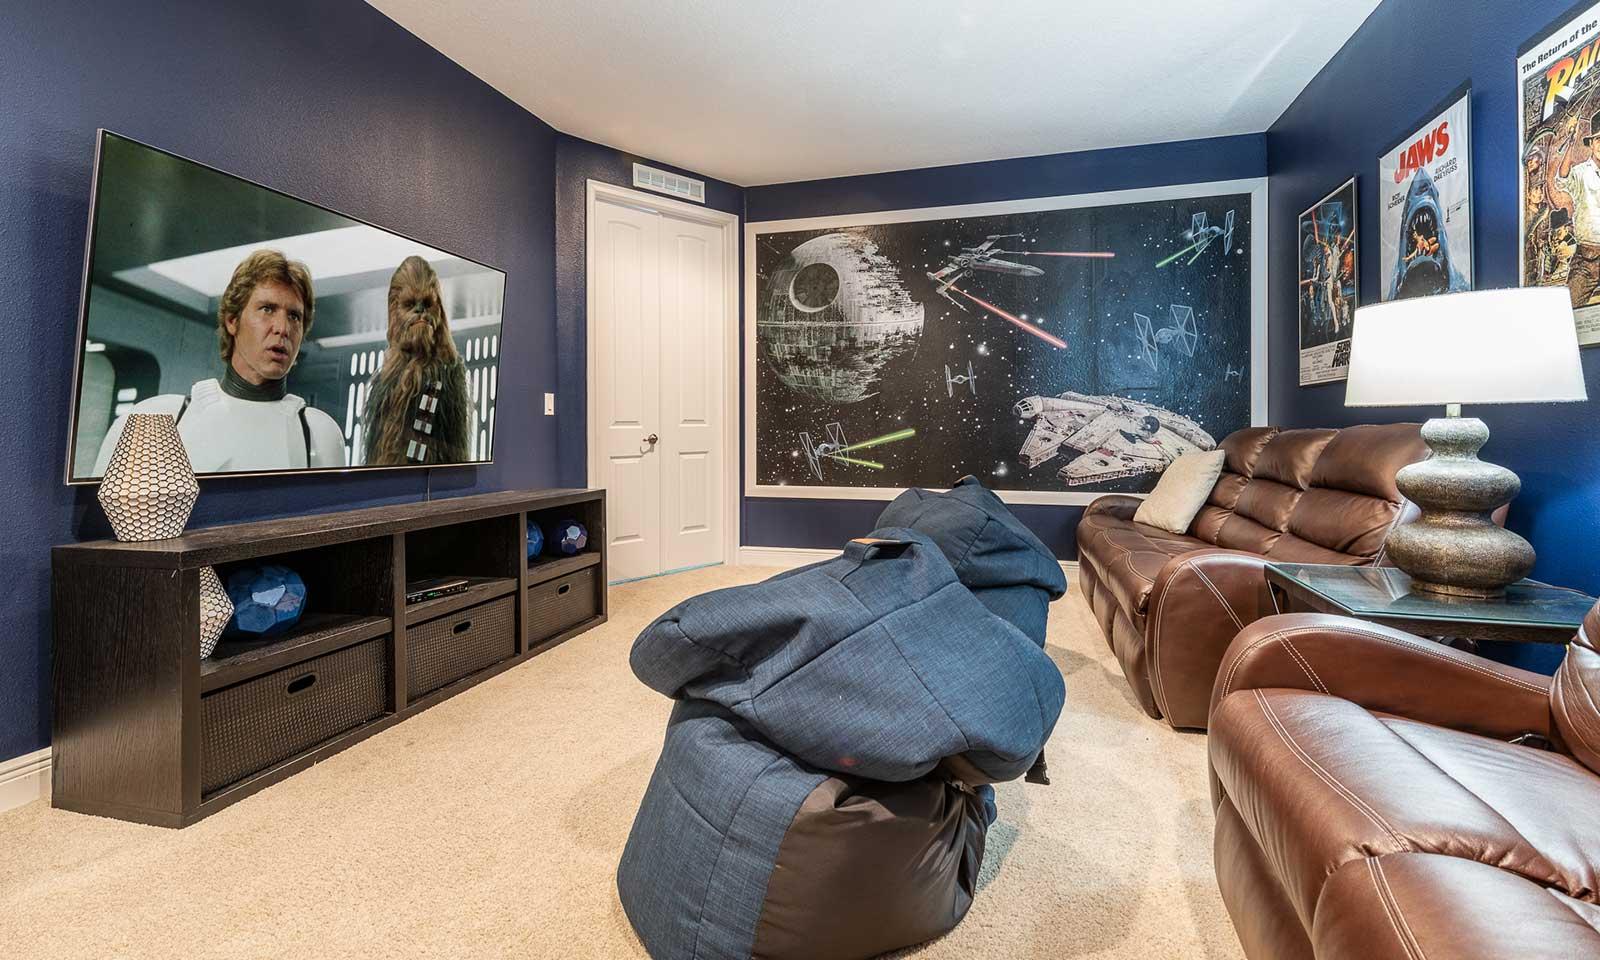 [amenities:loft-tv-area:1] Loft TV Area